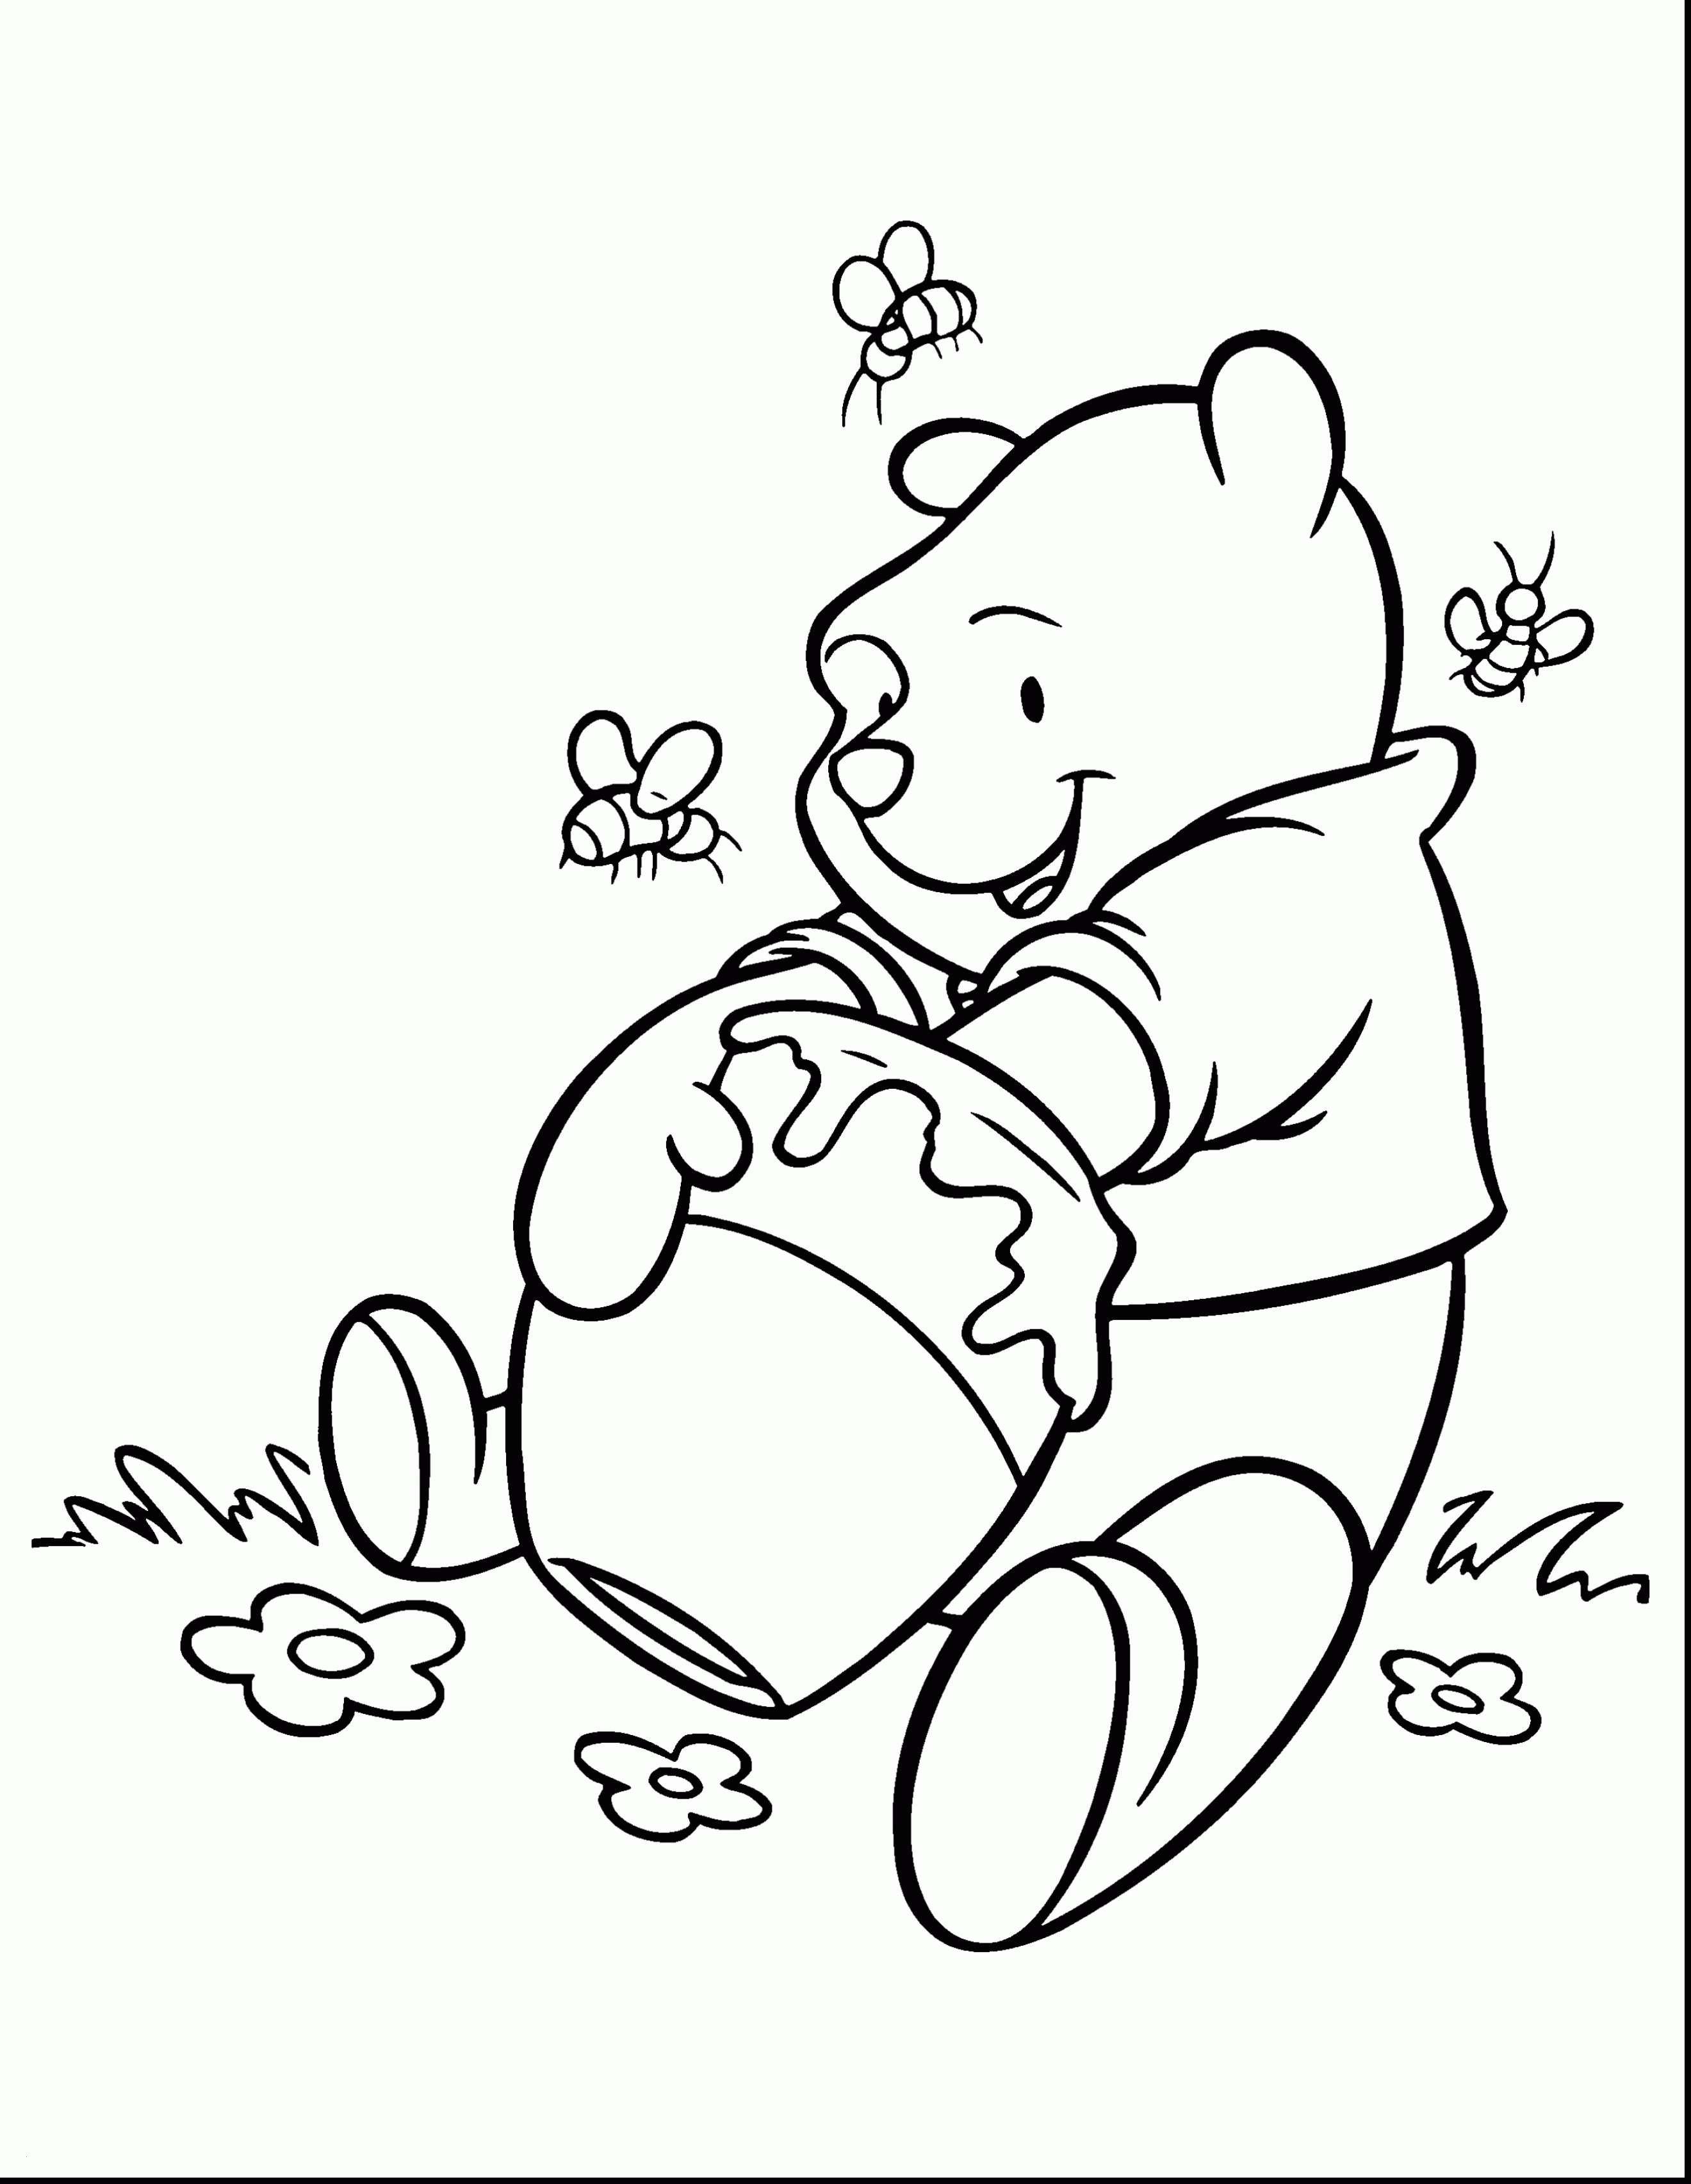 Boba Fett Ausmalbilder Neu Winnie Puuh Malvorlagen Inspirierend Winnie the Pooh Christmas Fotos